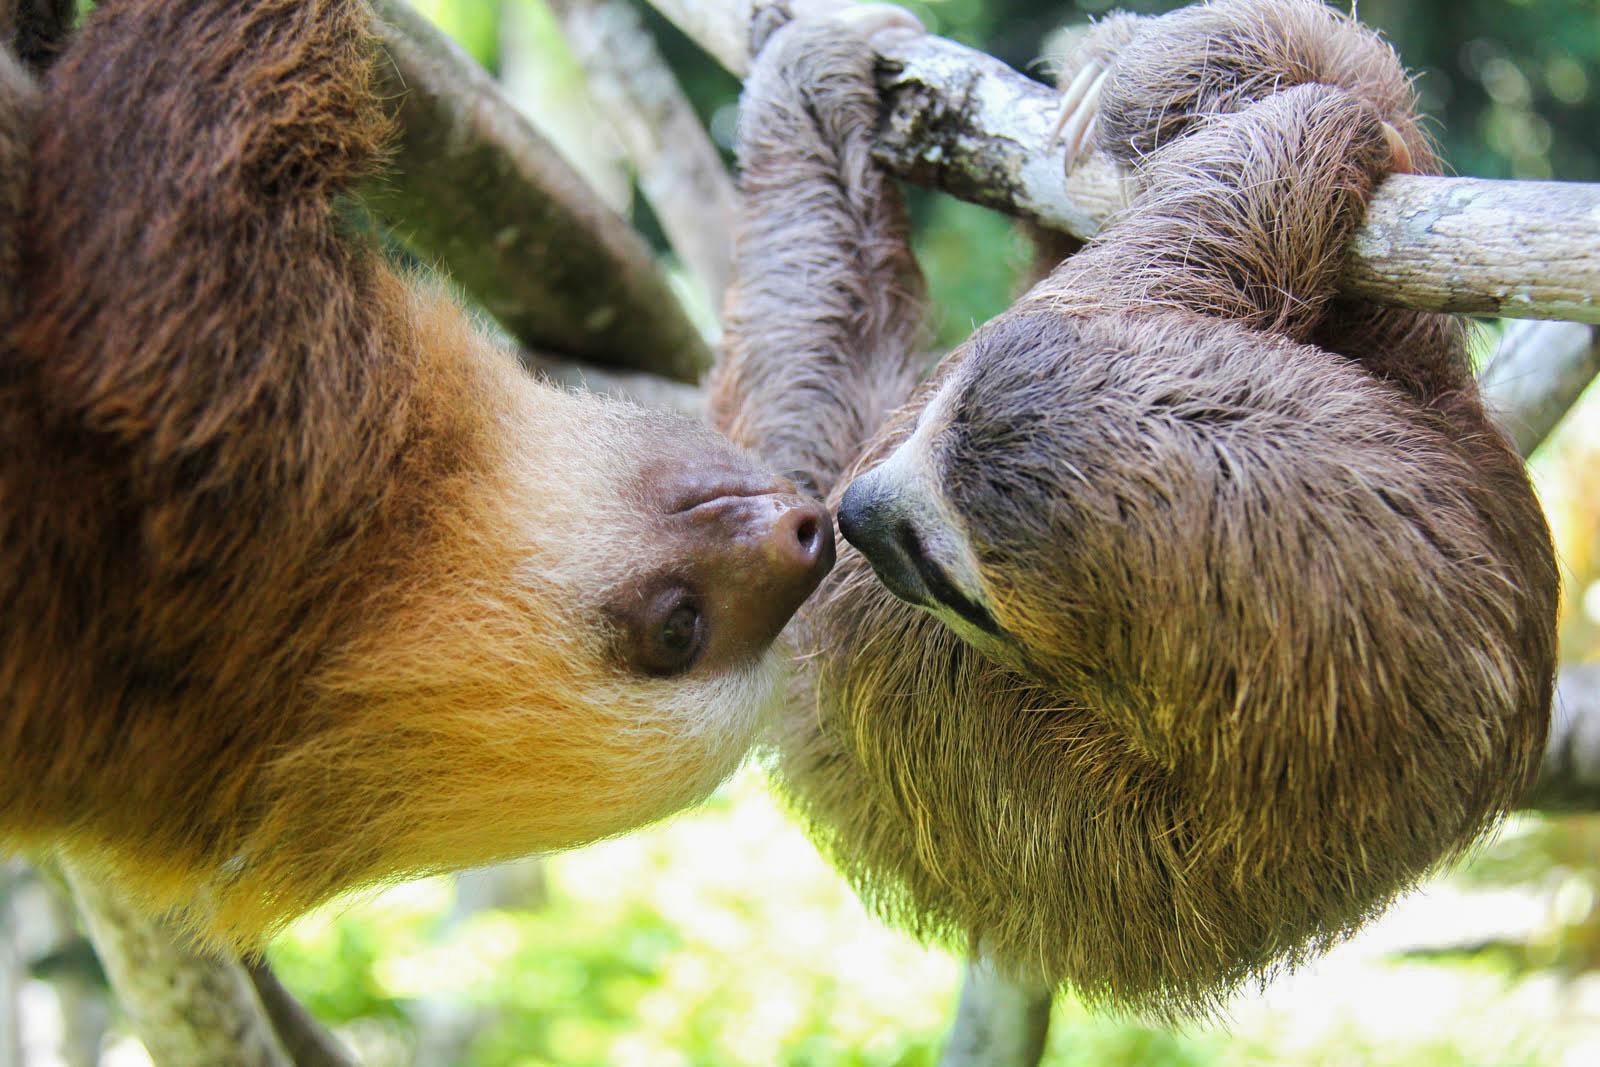 kissing kisses